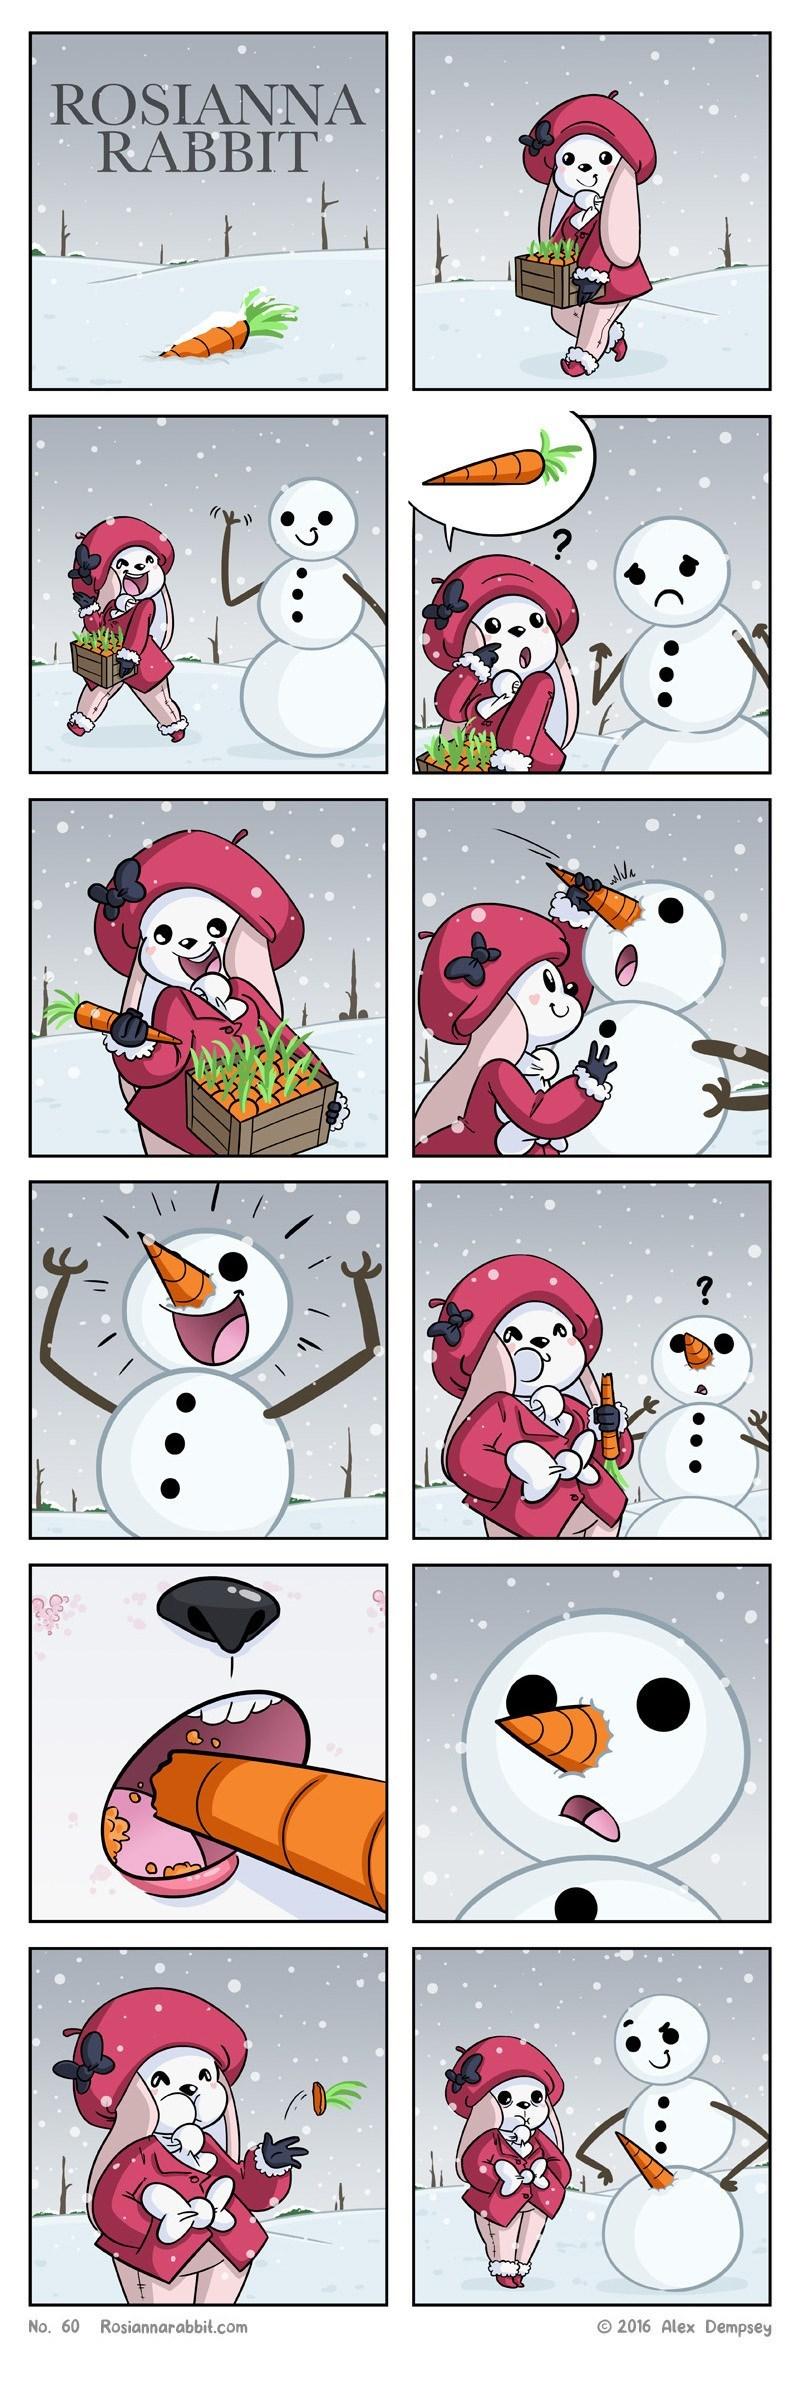 broma del hombre de nieve y la zanahoria rosiannarabbit